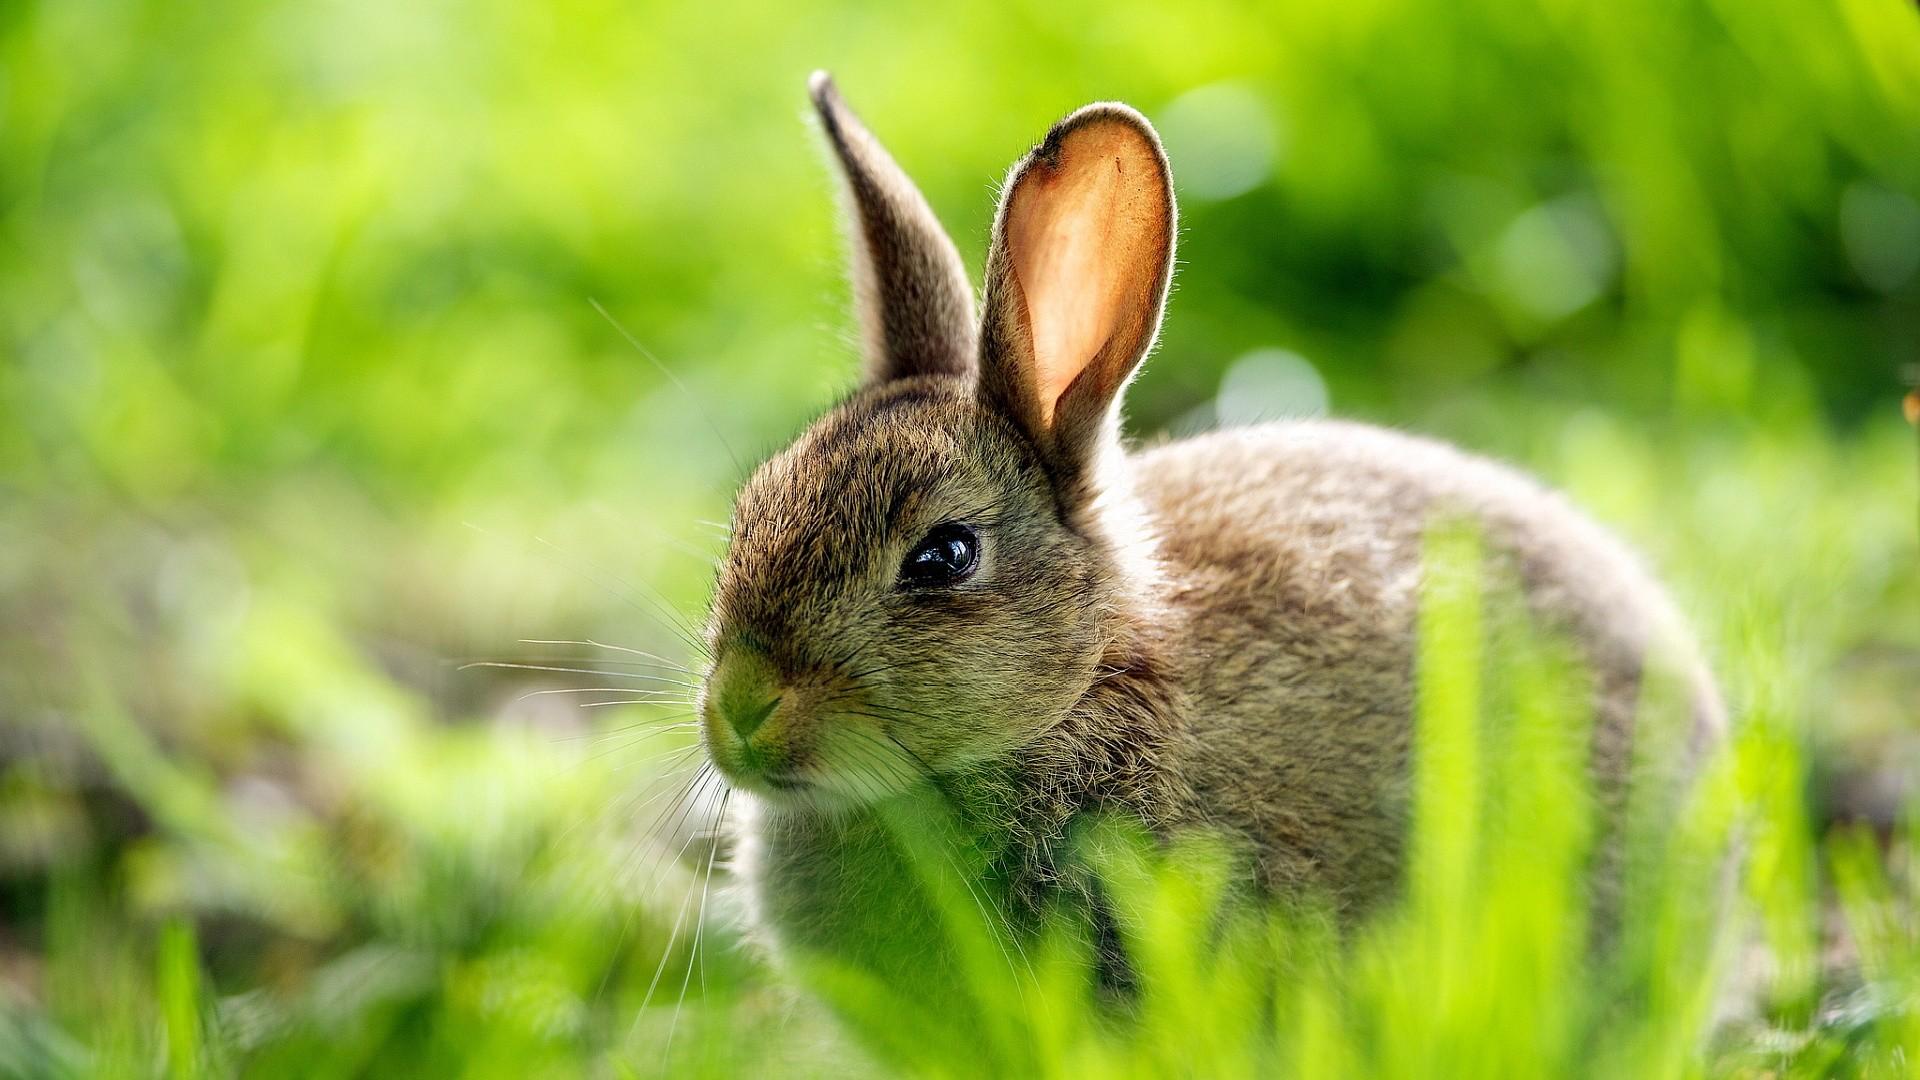 Rabbit Wallpapers Desktop Hd Background   Data-src - Bunny Wallpaper Desktop